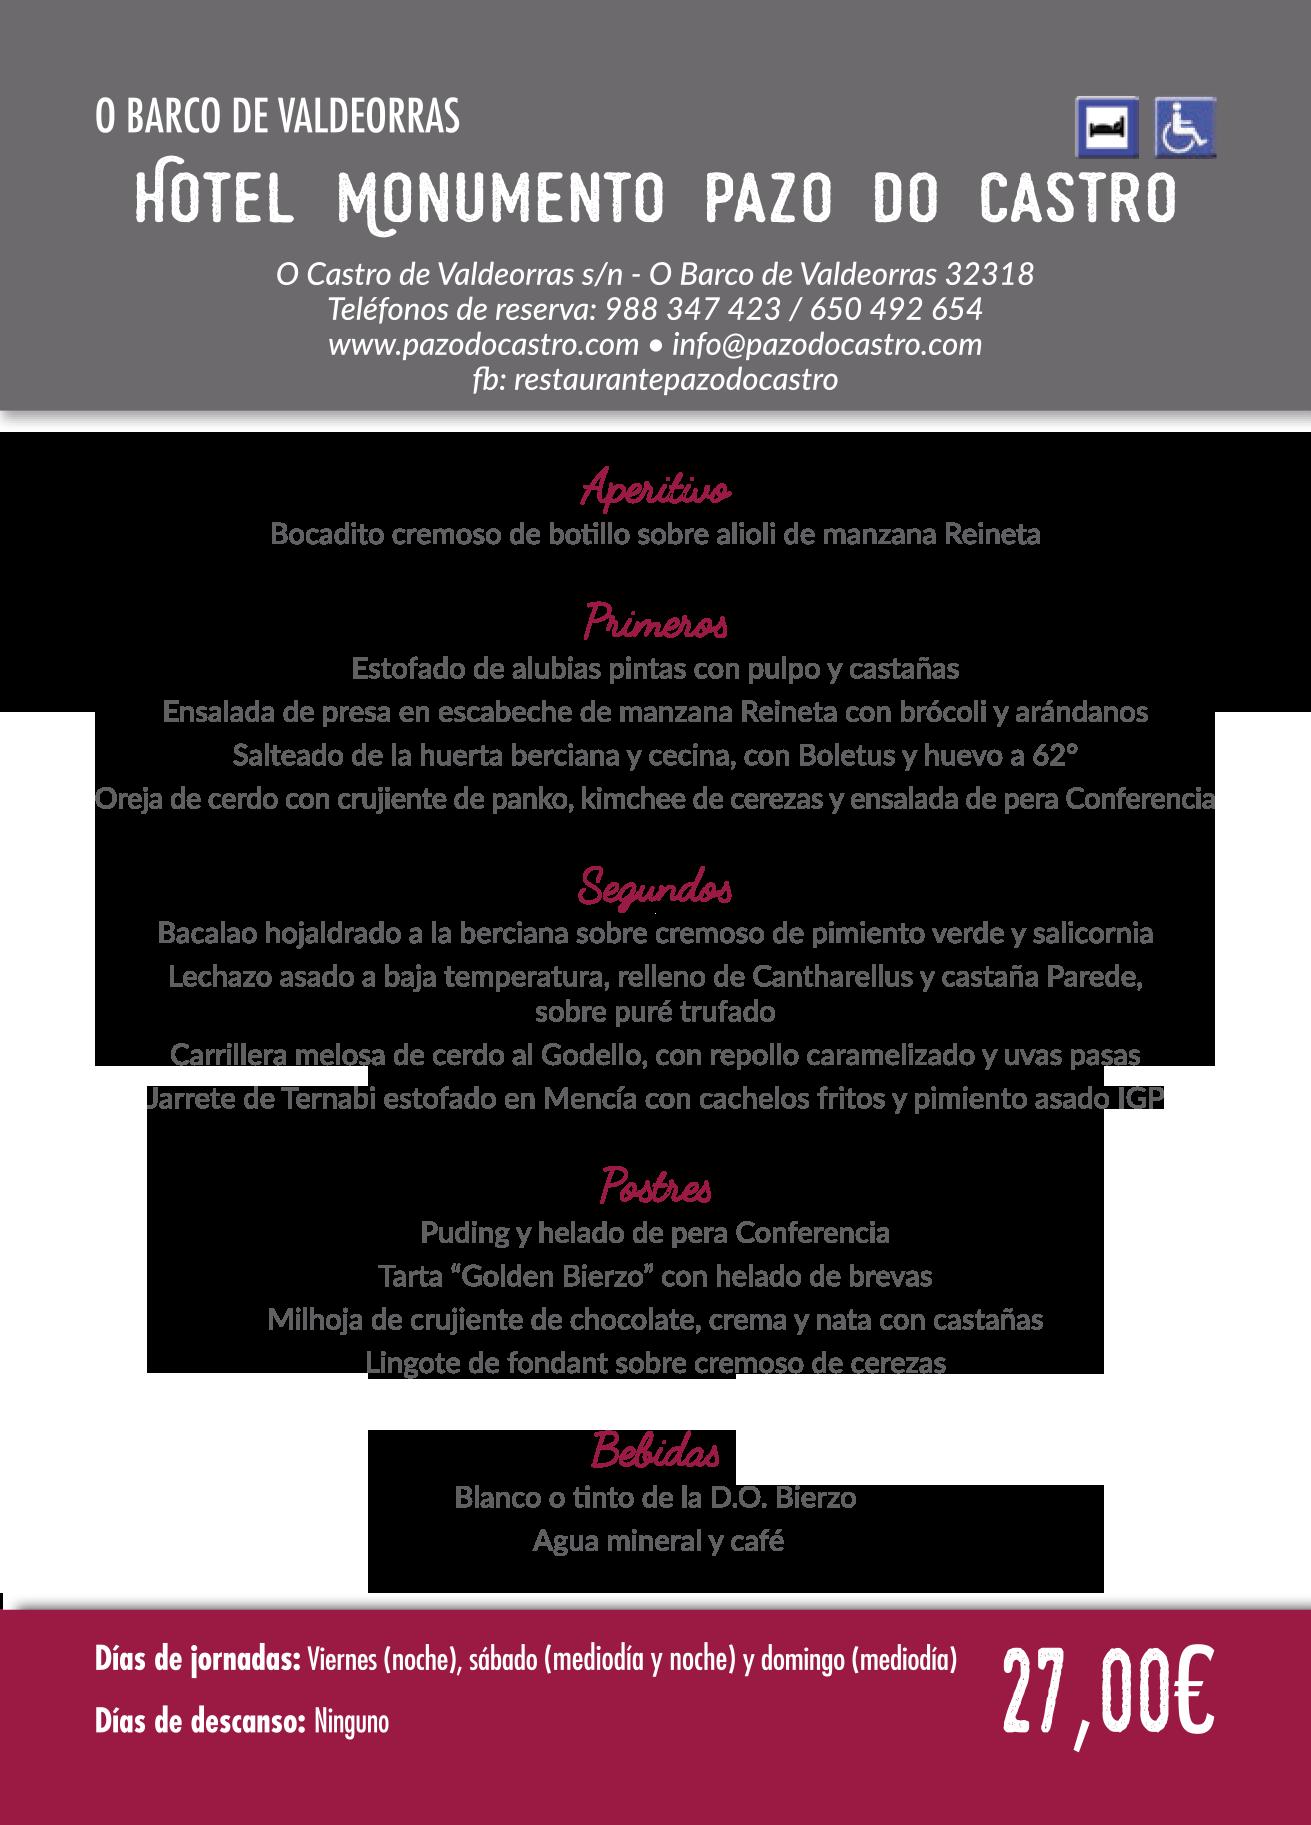 Las Jornadas Gastronómicas del Bierzo llegan a su 35 edición. Consulta los menús de esta edición 6